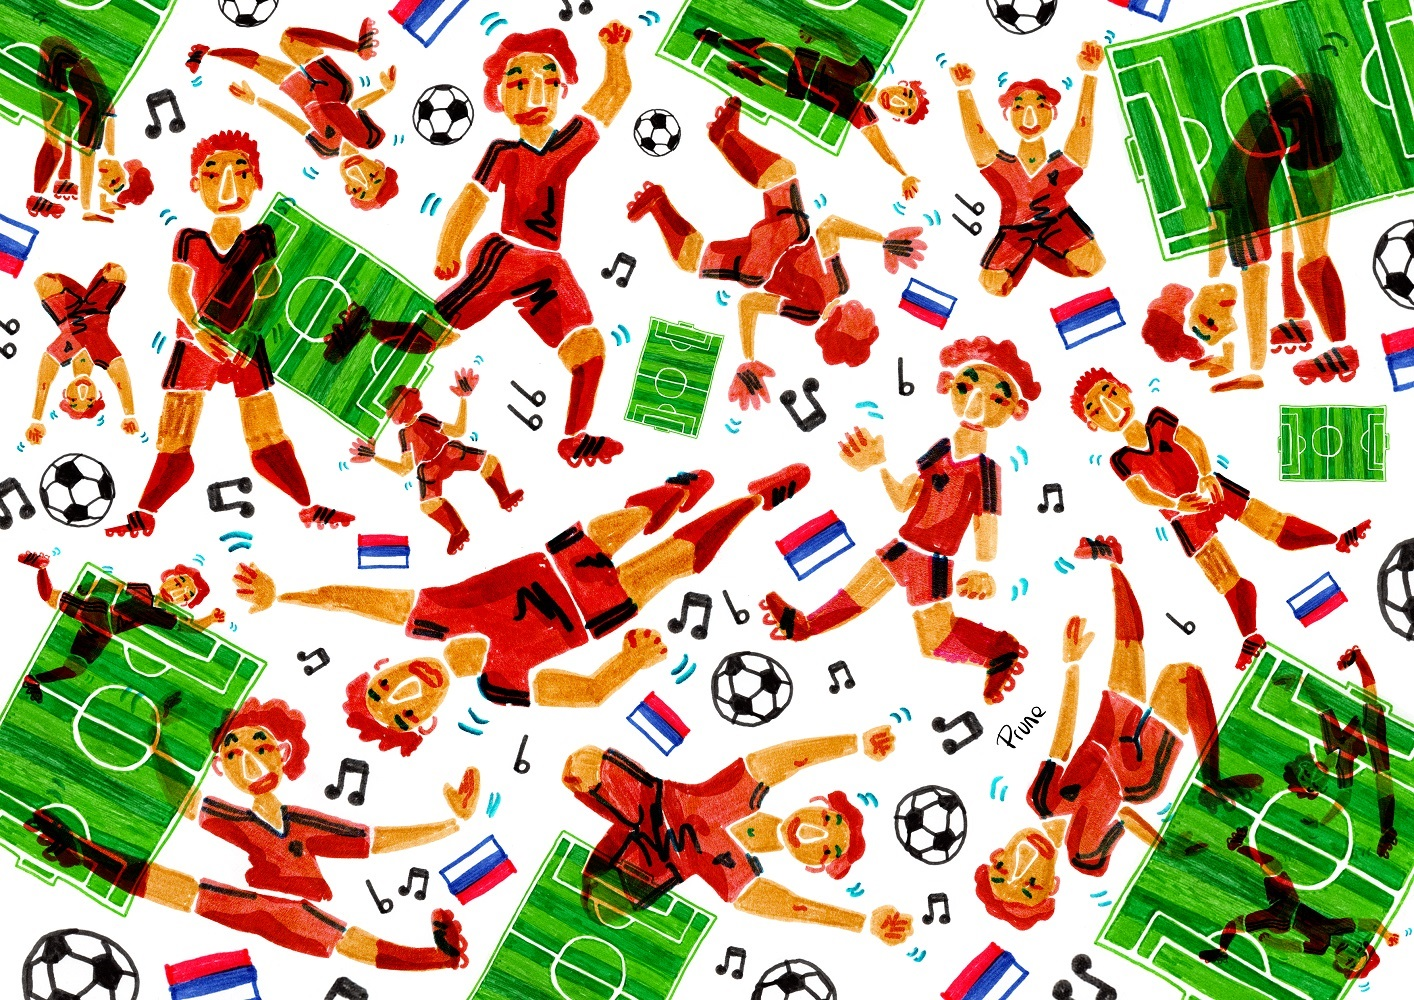 Prune pour L'Escamoteur, Coupe du monde de foot et rock russe